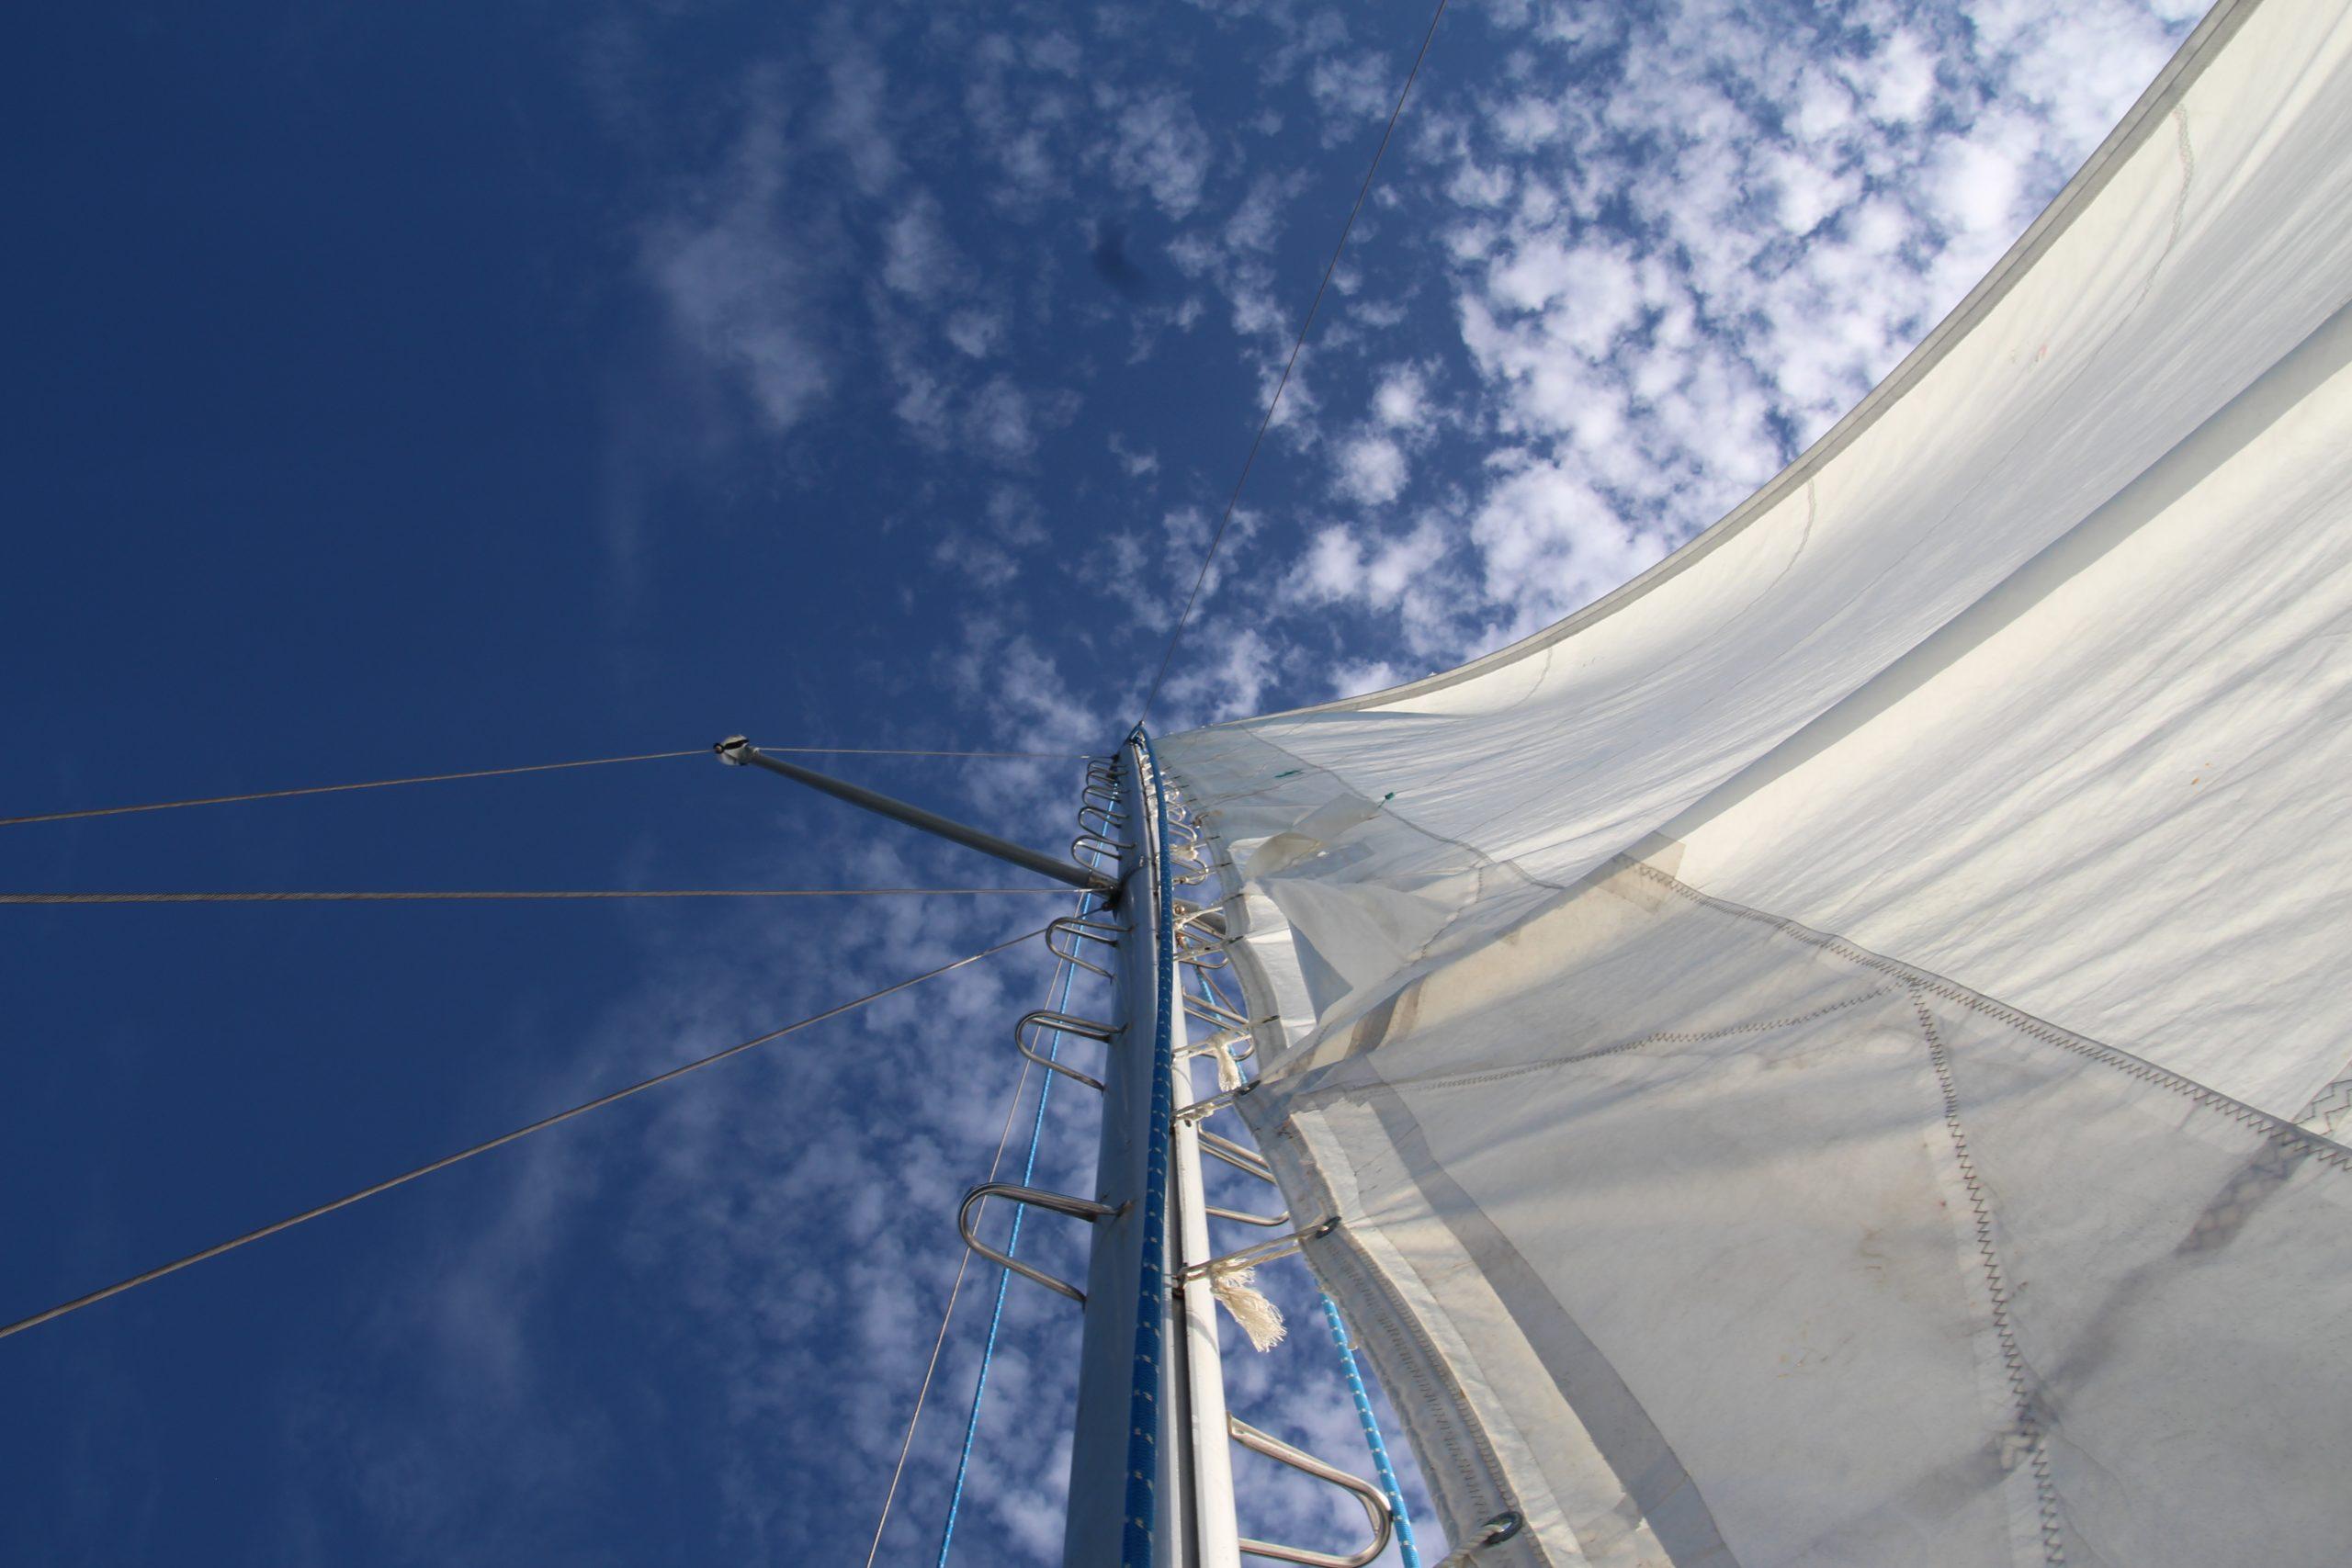 cielo blu e vela bianca al vento